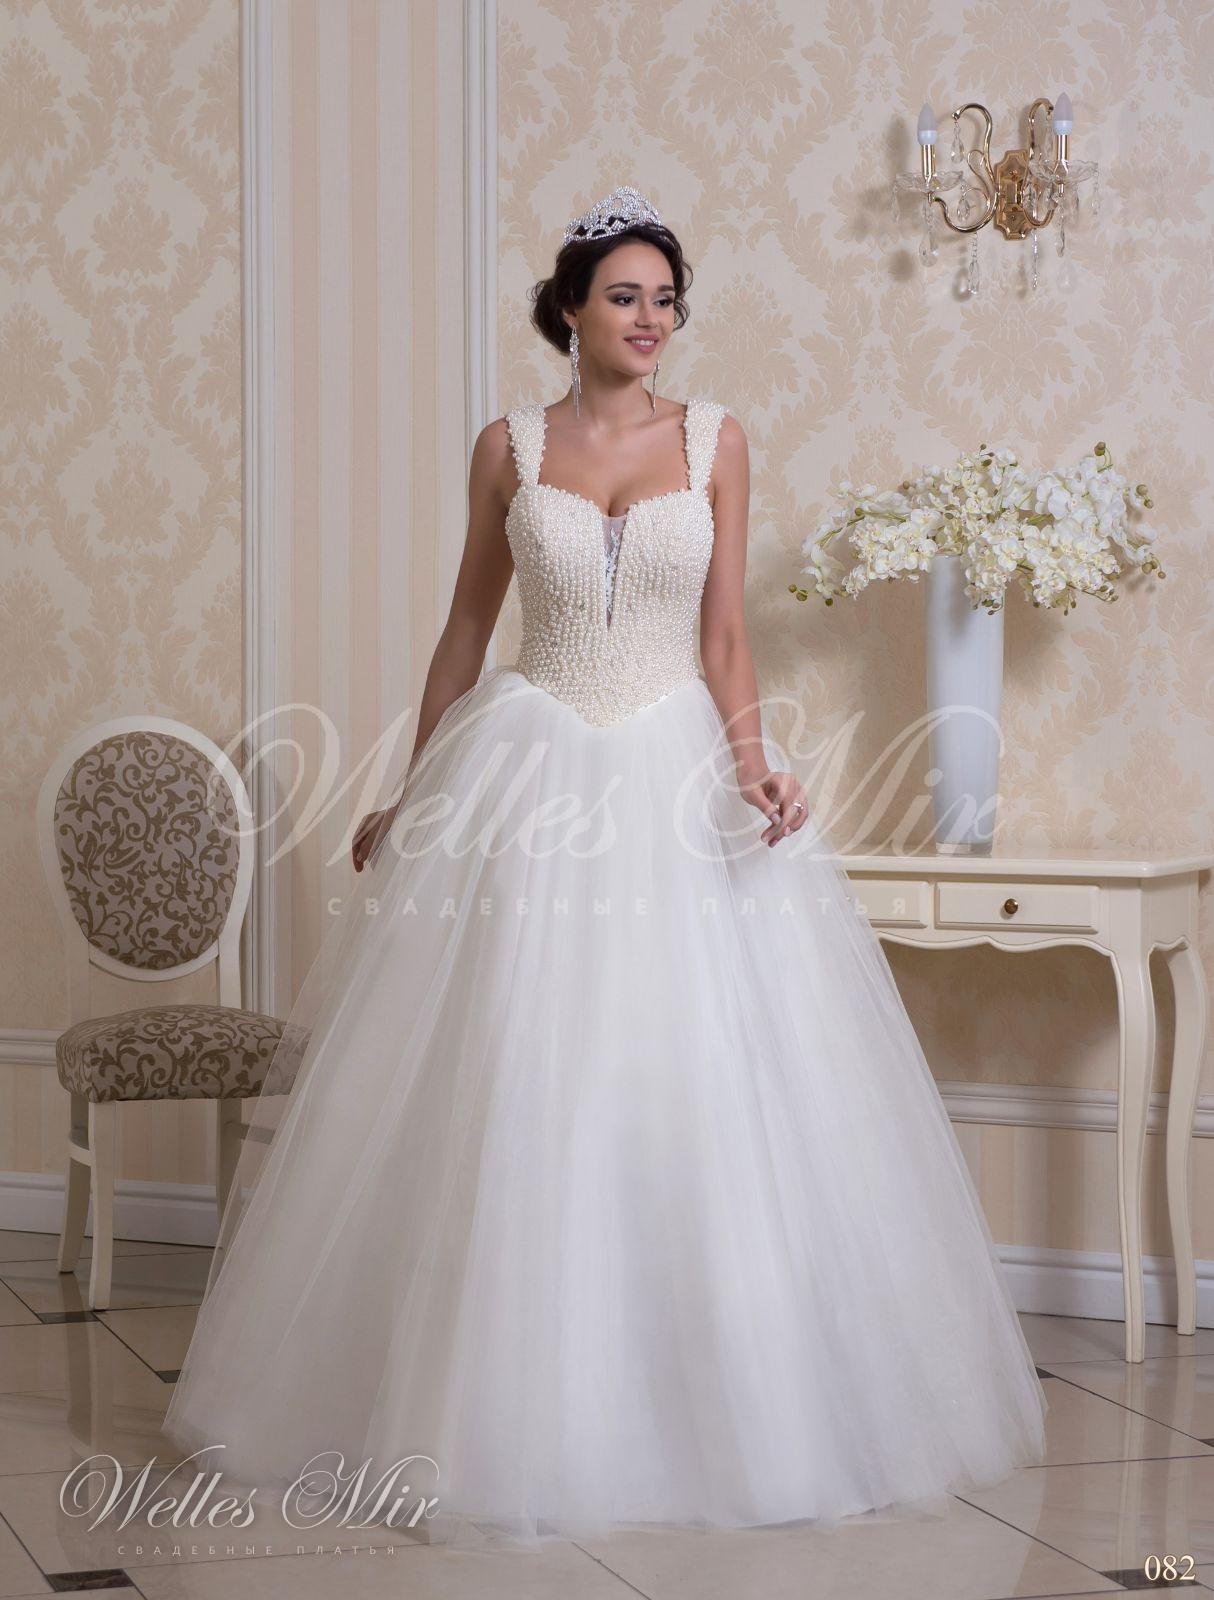 Свадебные платья Charming Elegance - 082